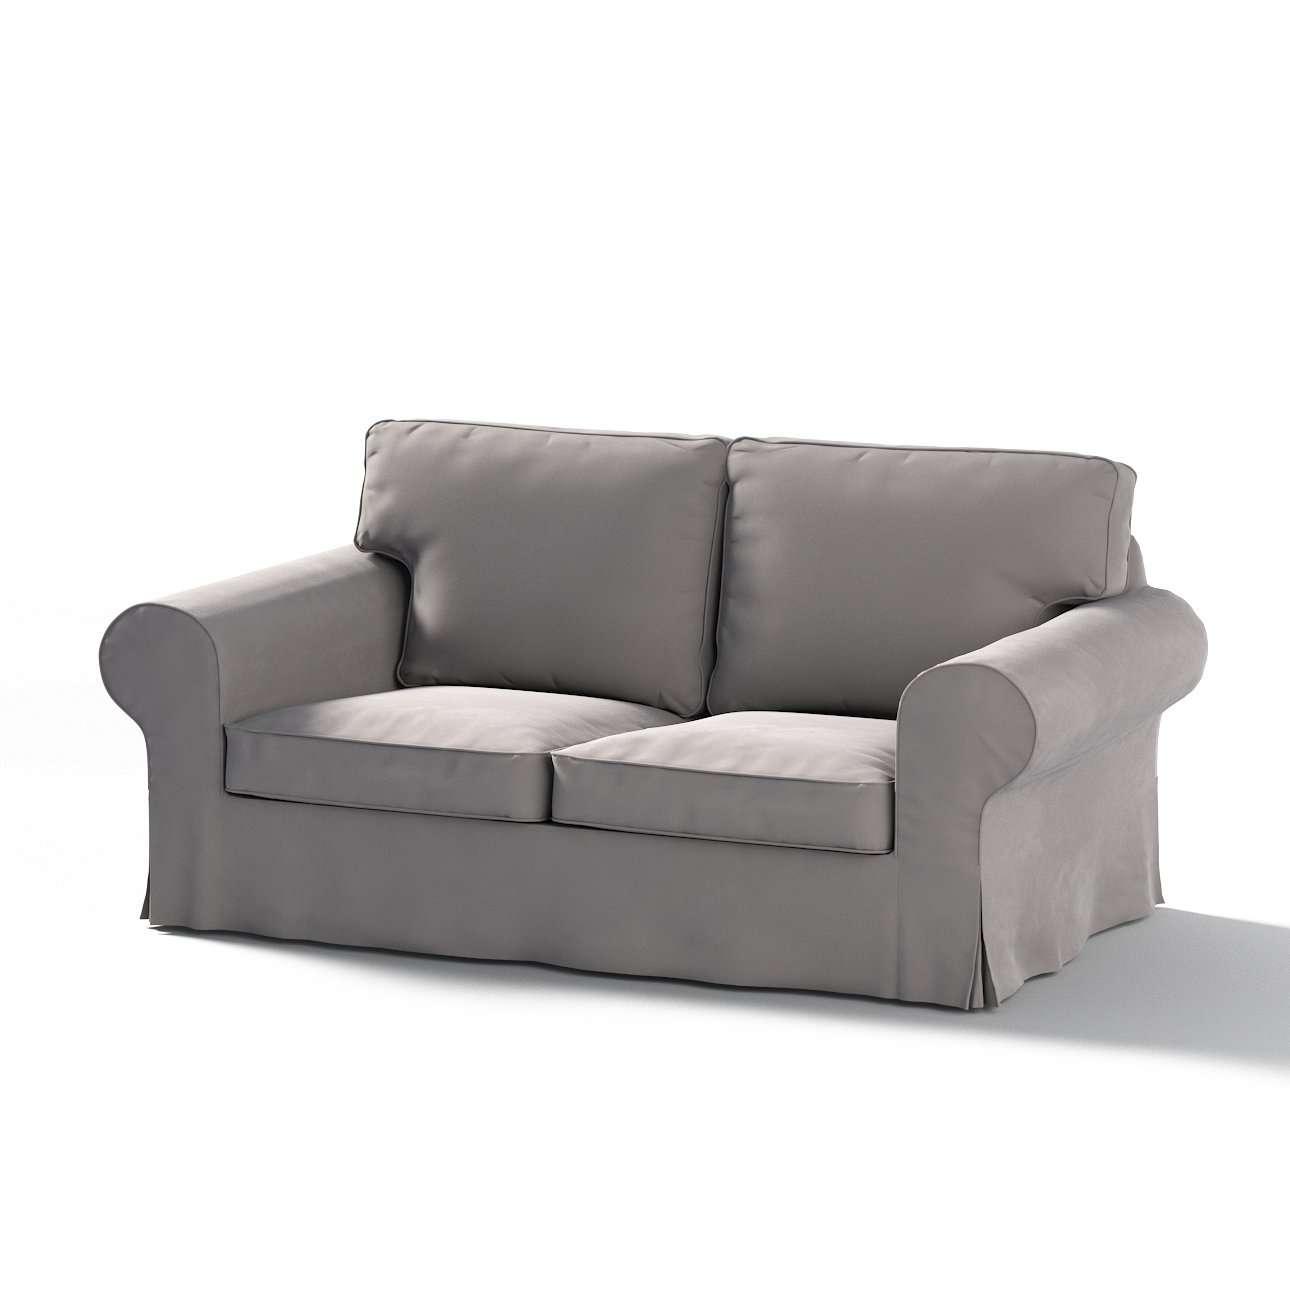 Pokrowiec na sofę Ektorp 2-osobową, nierozkładaną w kolekcji Velvet, tkanina: 704-11